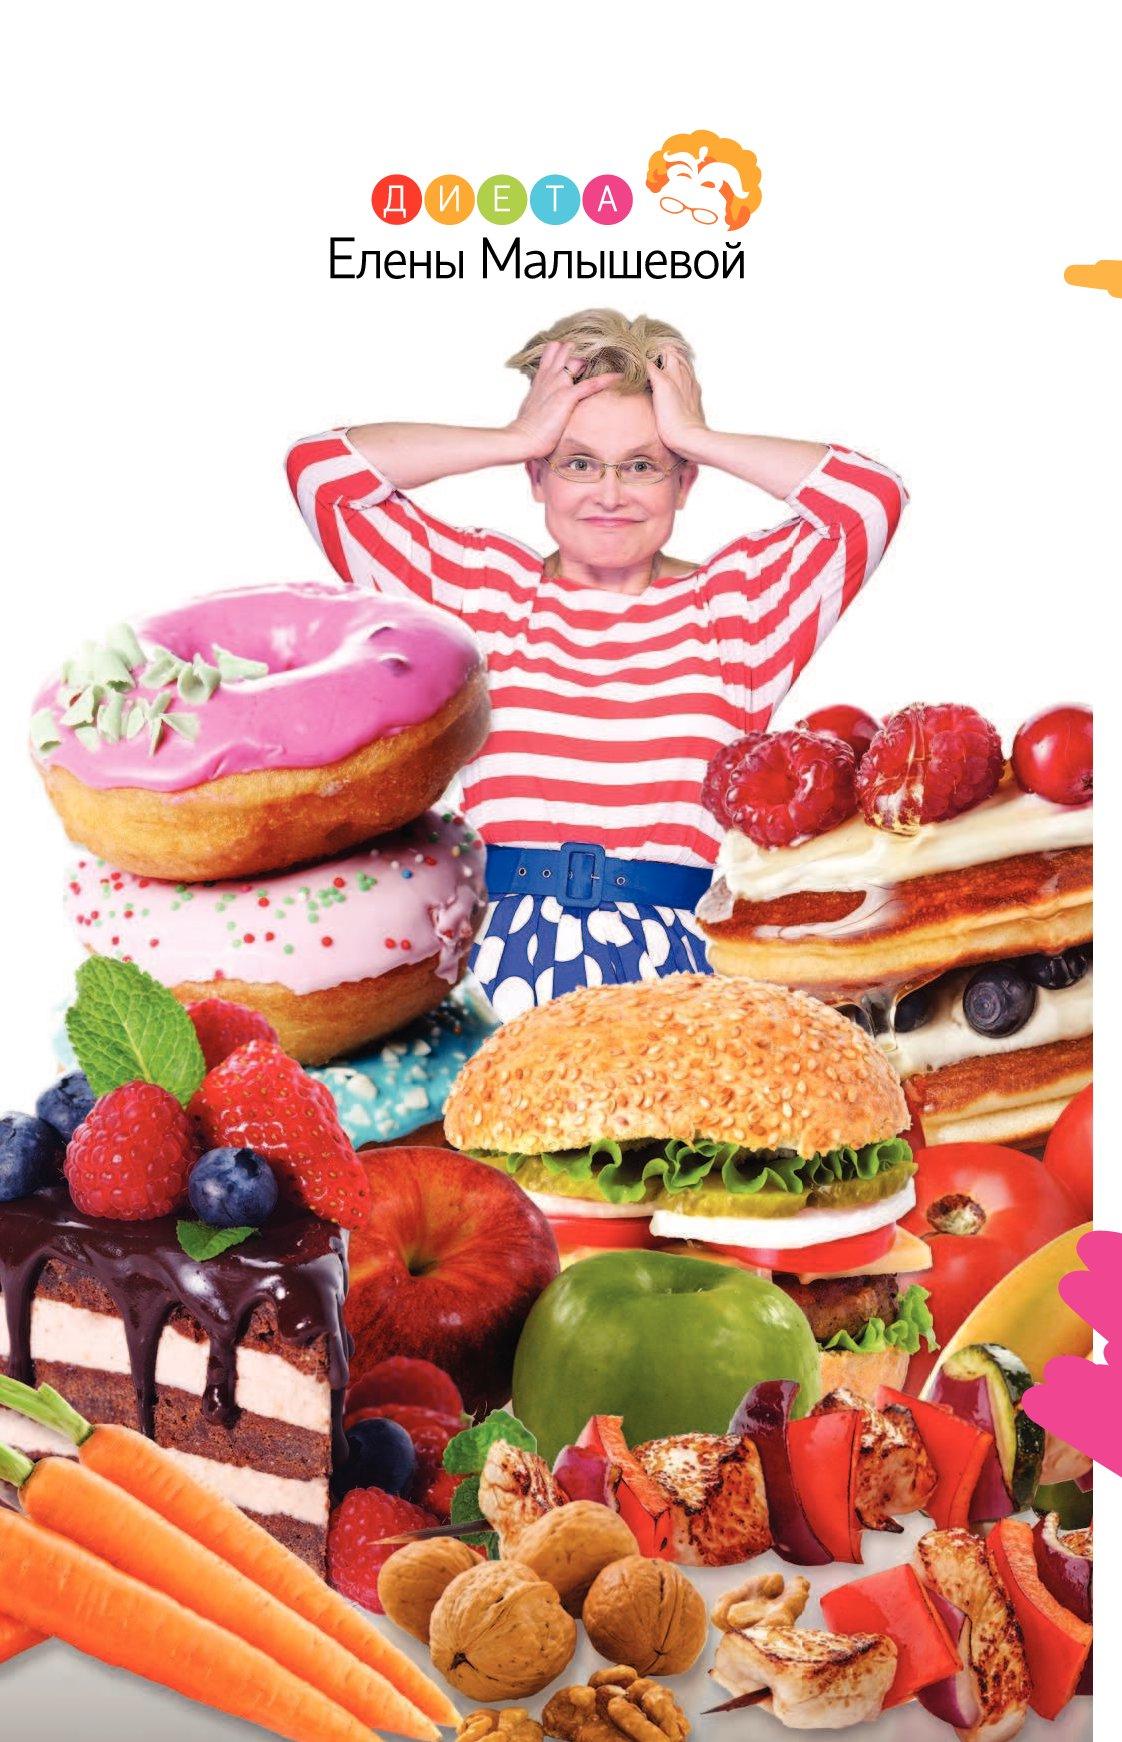 Бесплатный Диета Елена Малышева. Диета Малышевой - меню на неделю с рецептами на каждый день, продукты и результаты похудения